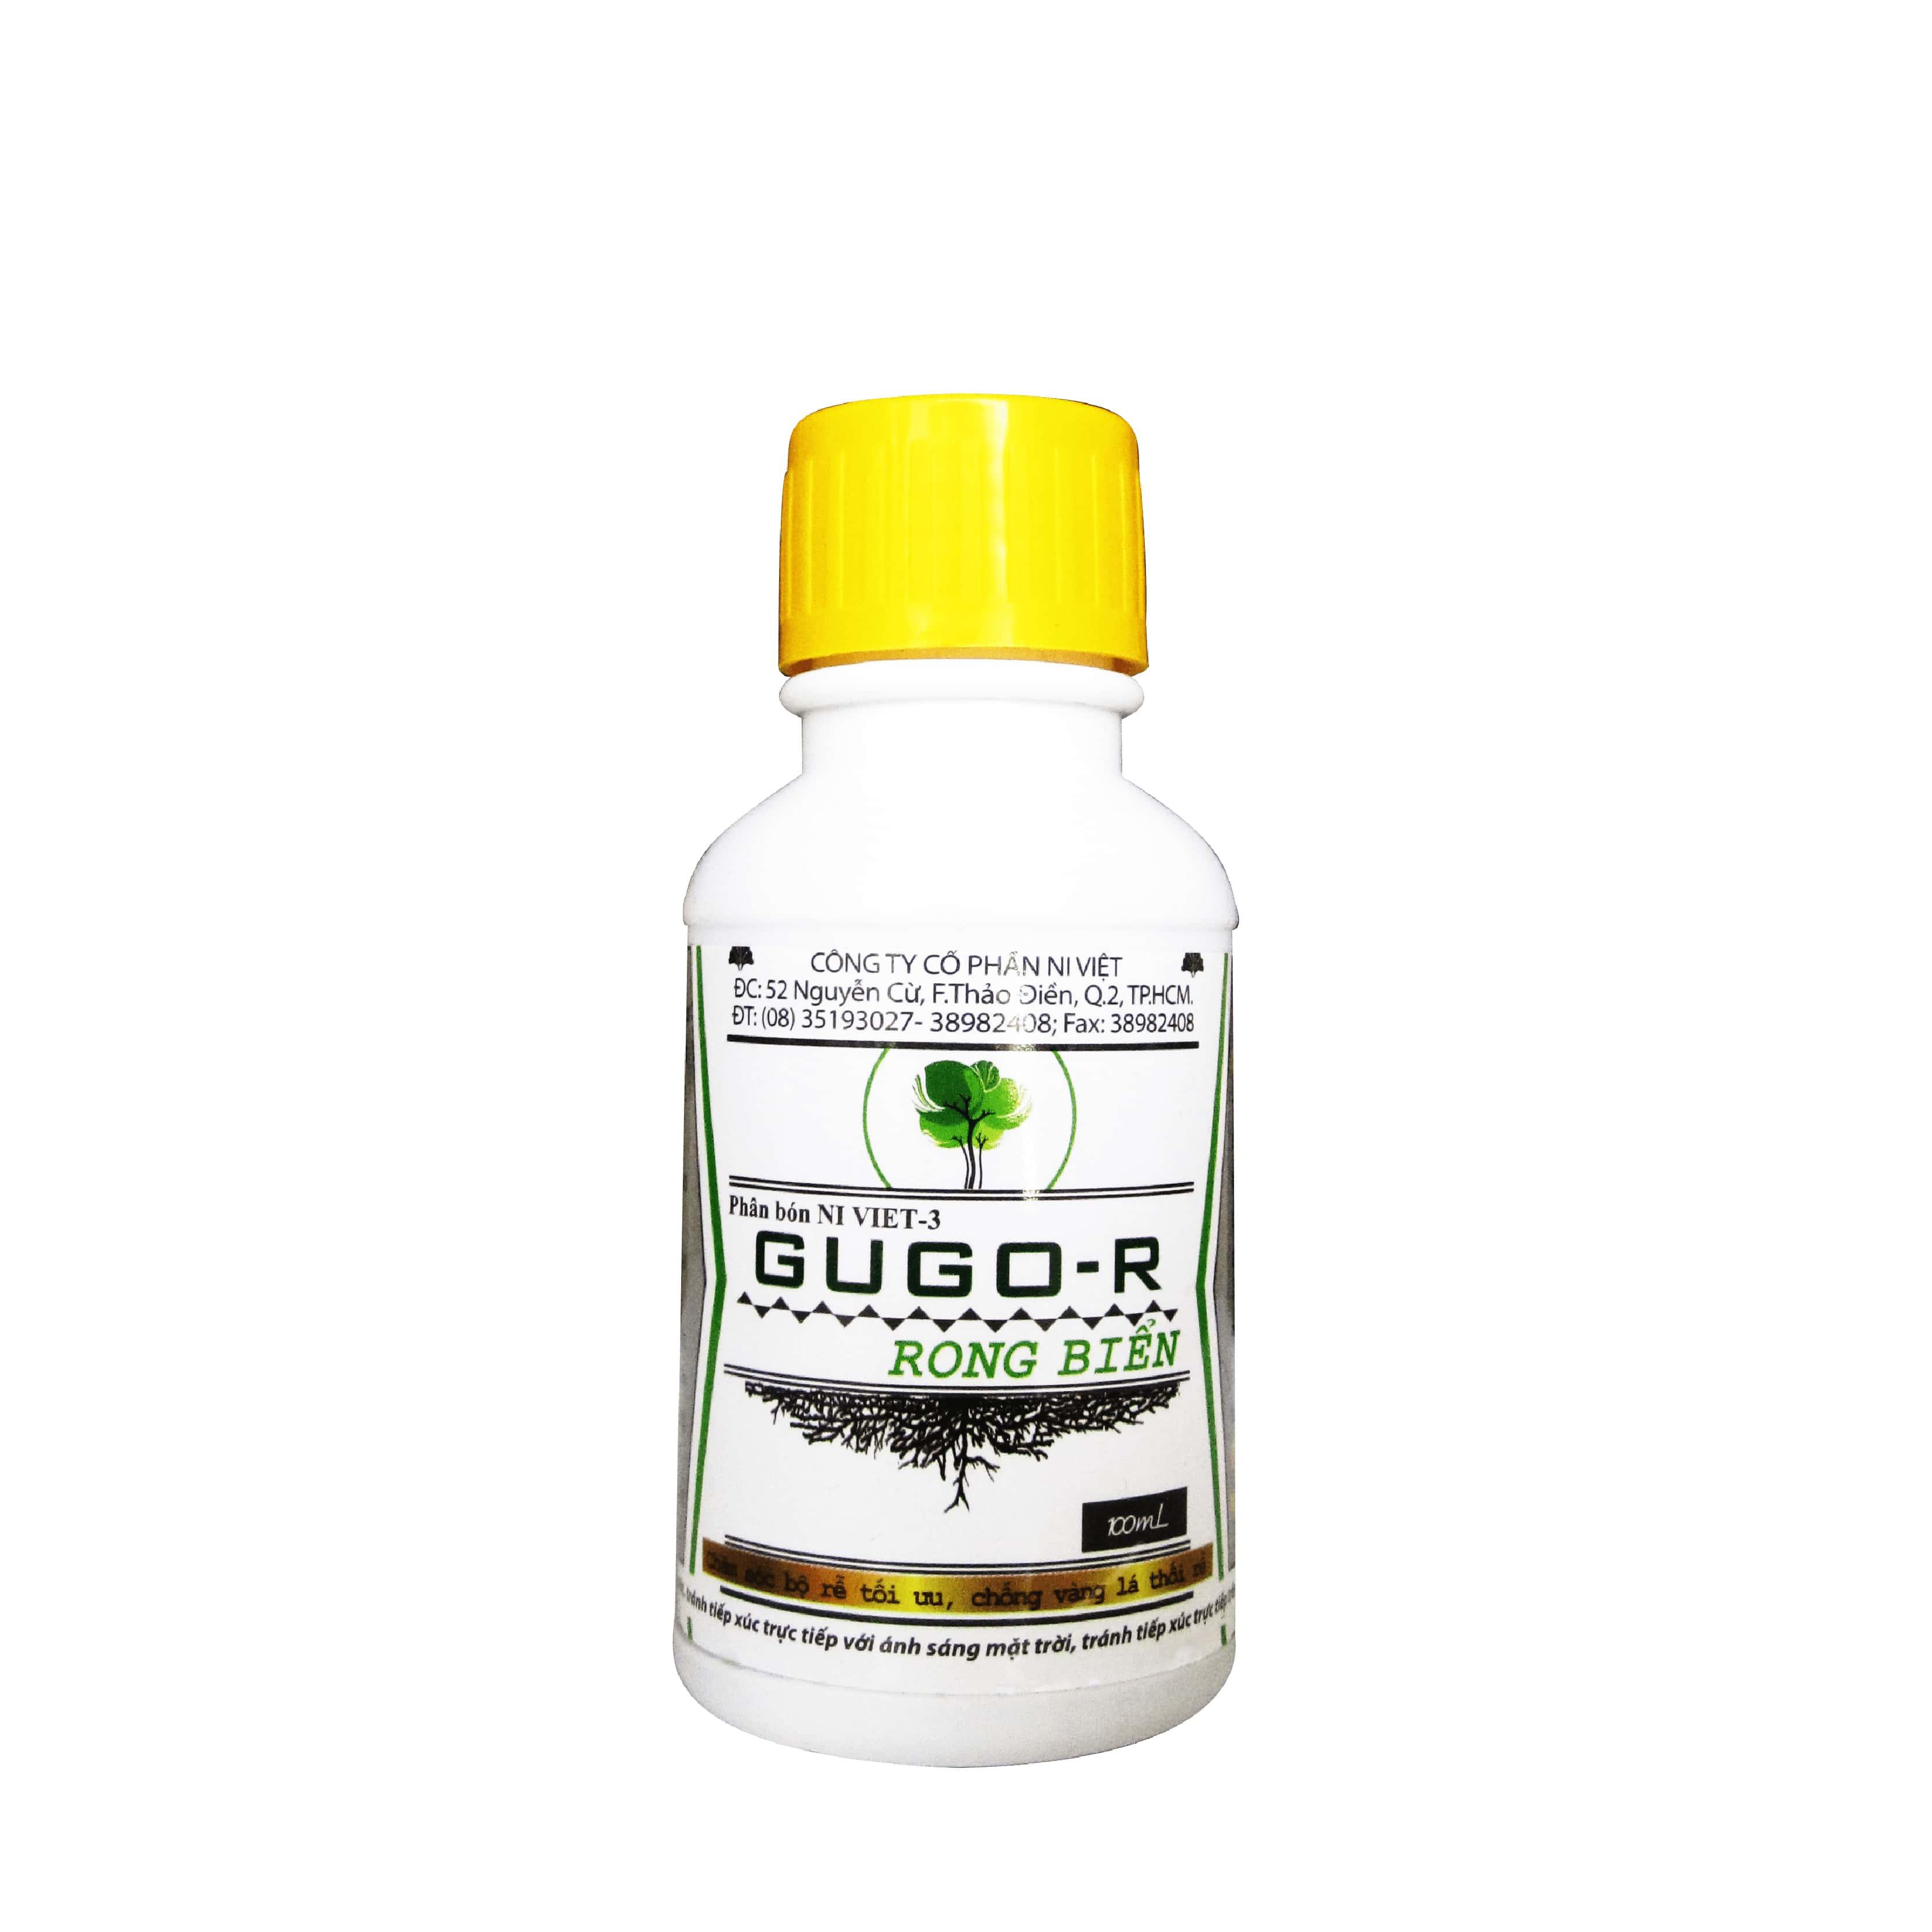 Thuốc kích rễ GUGO-R 100 ml bổ sung chiết xuất rong biển làm mát cây